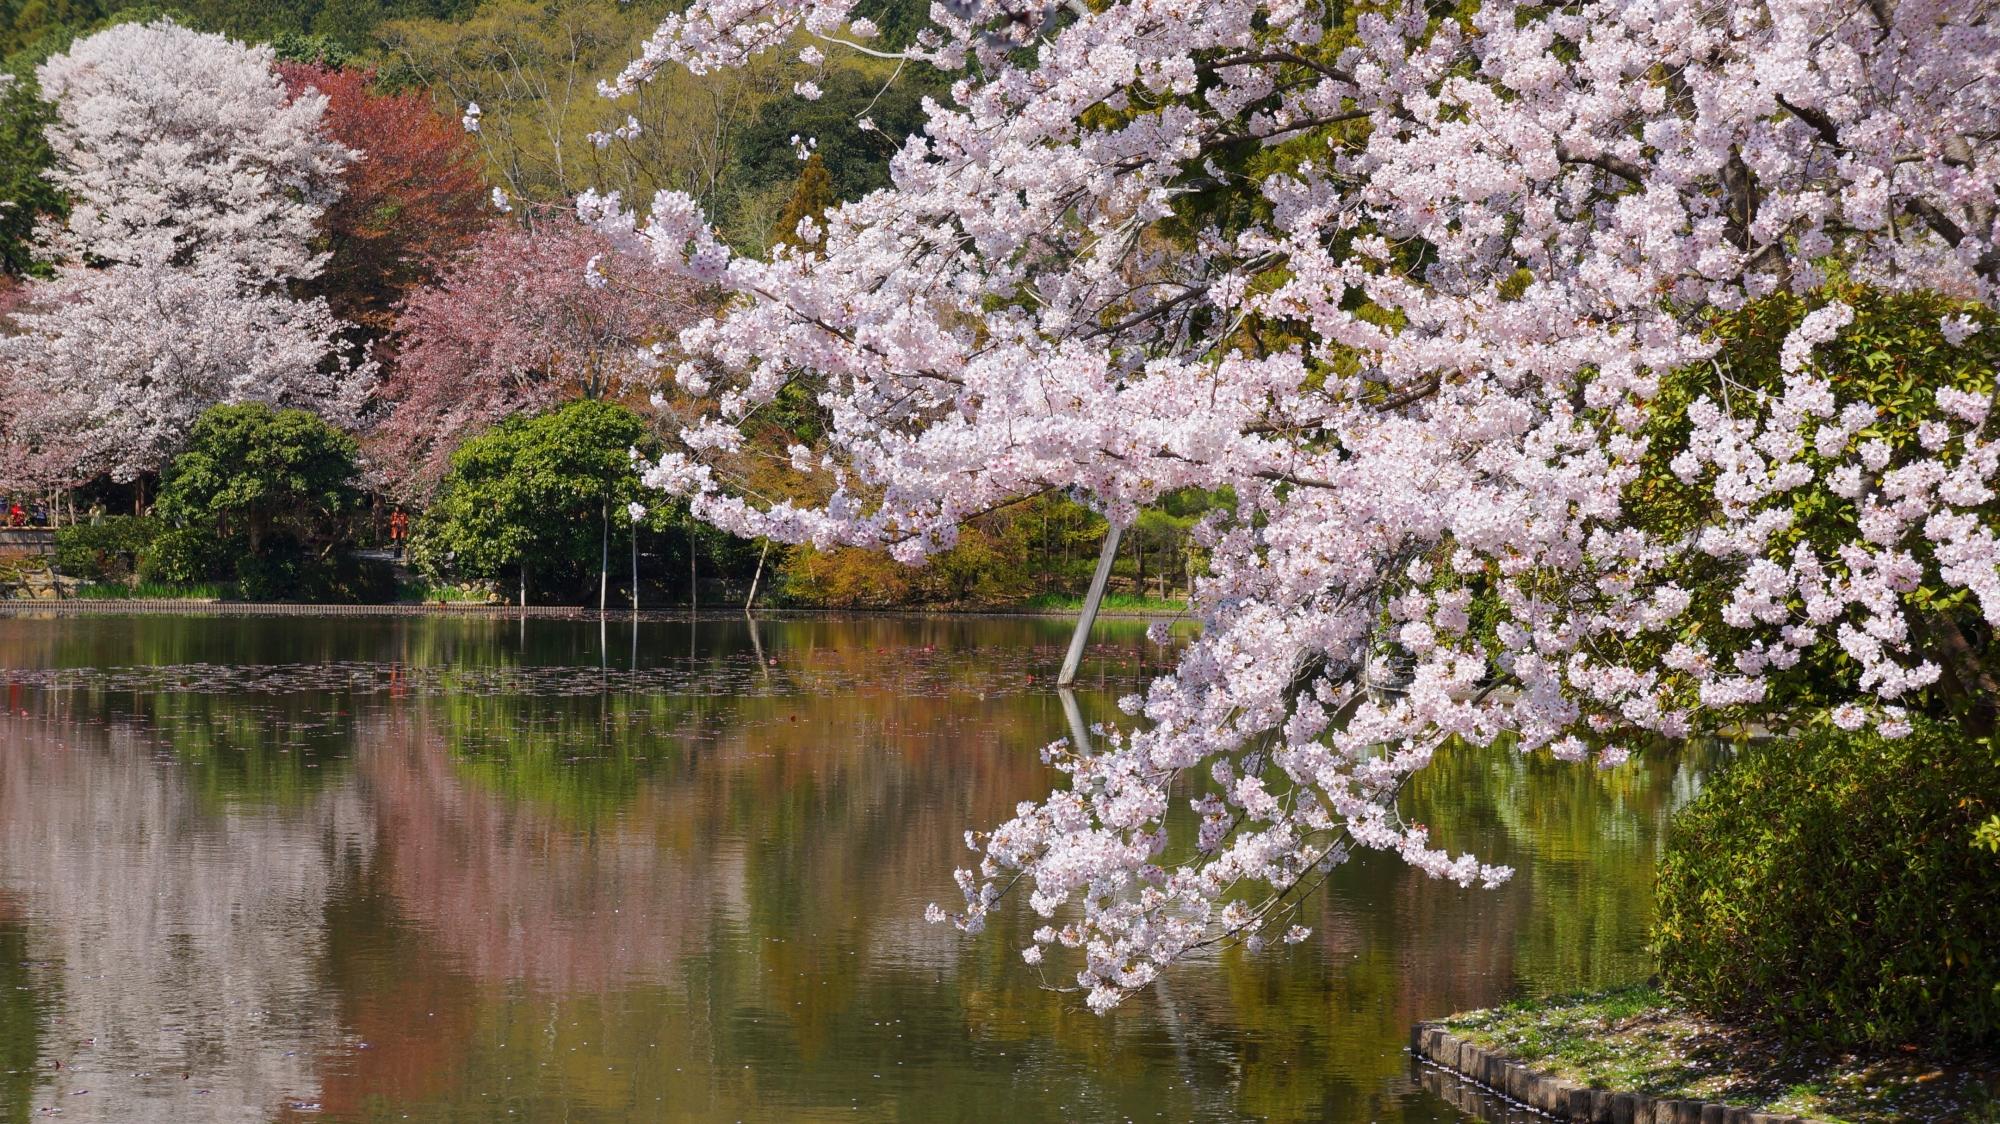 龍安寺の鏡容池の桜